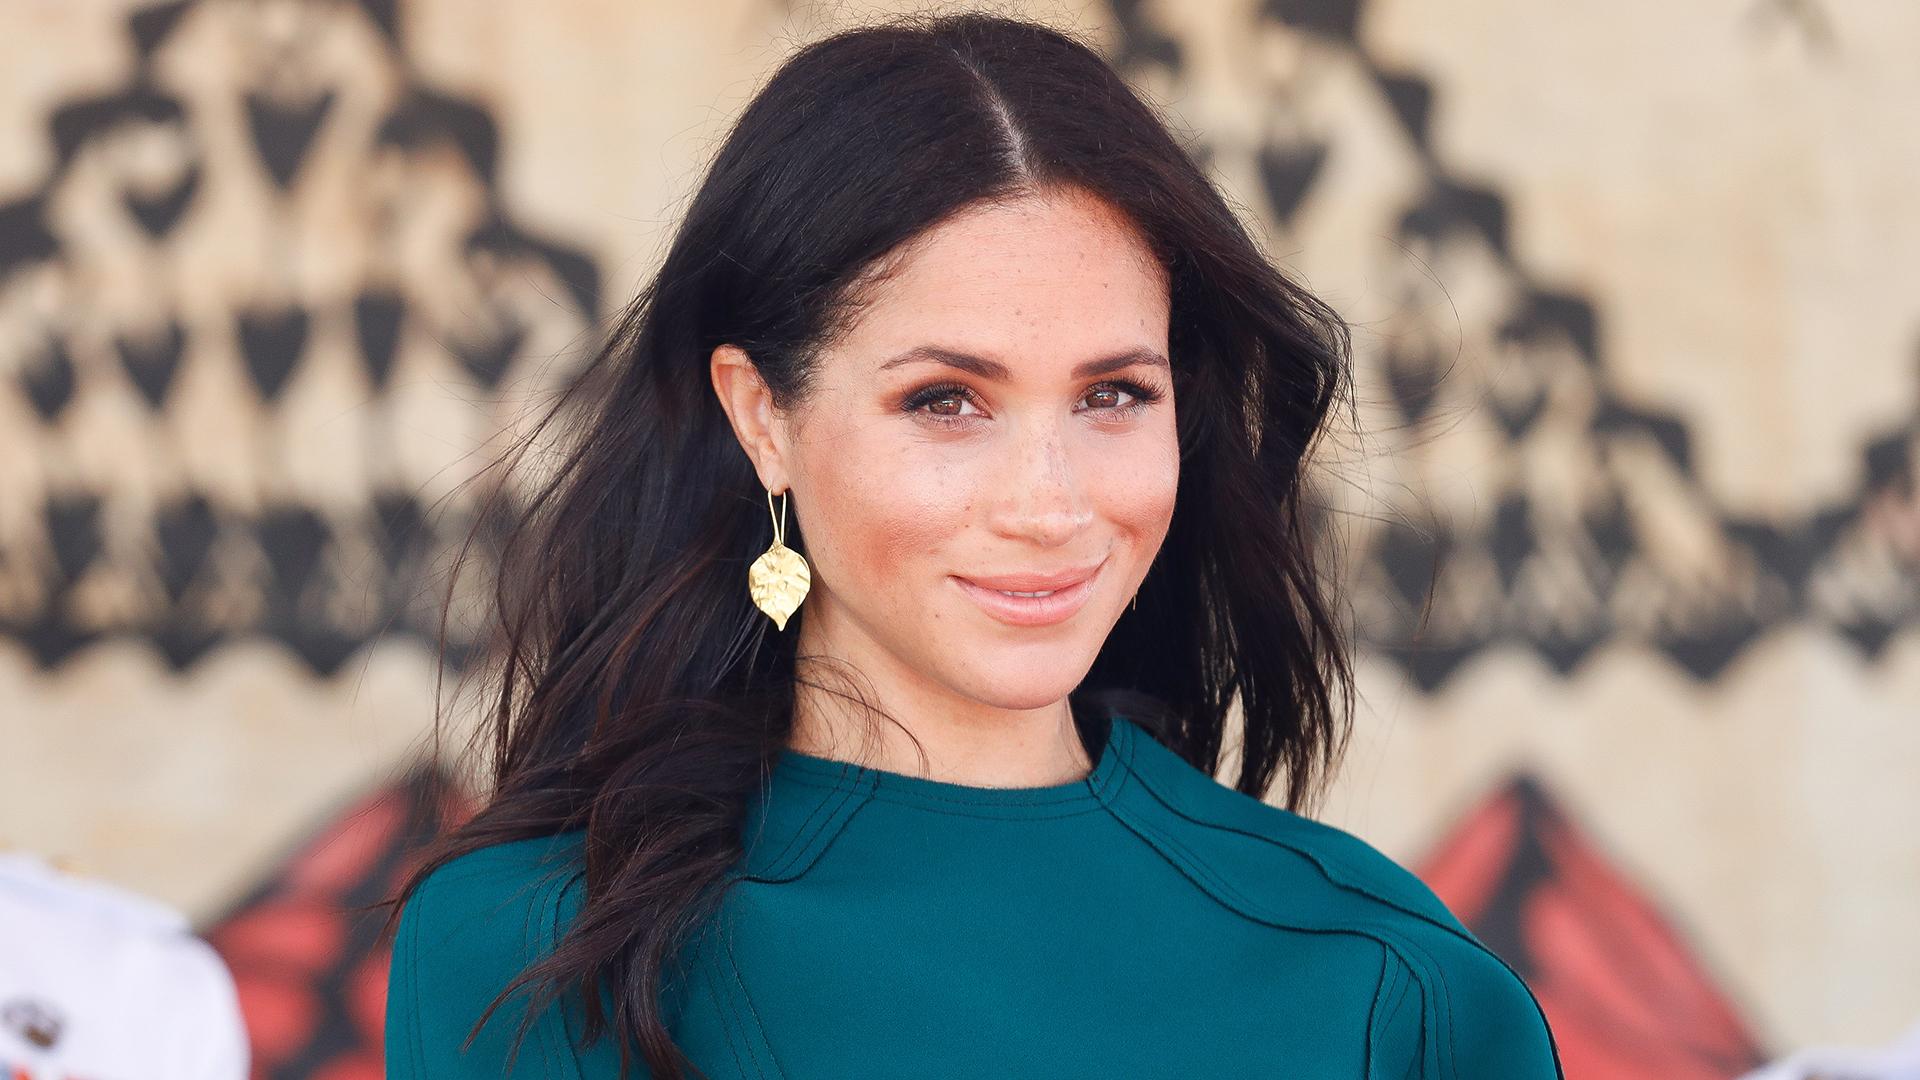 Королевский лайфхак от Меган Маркл: как скрыть седые волосы?